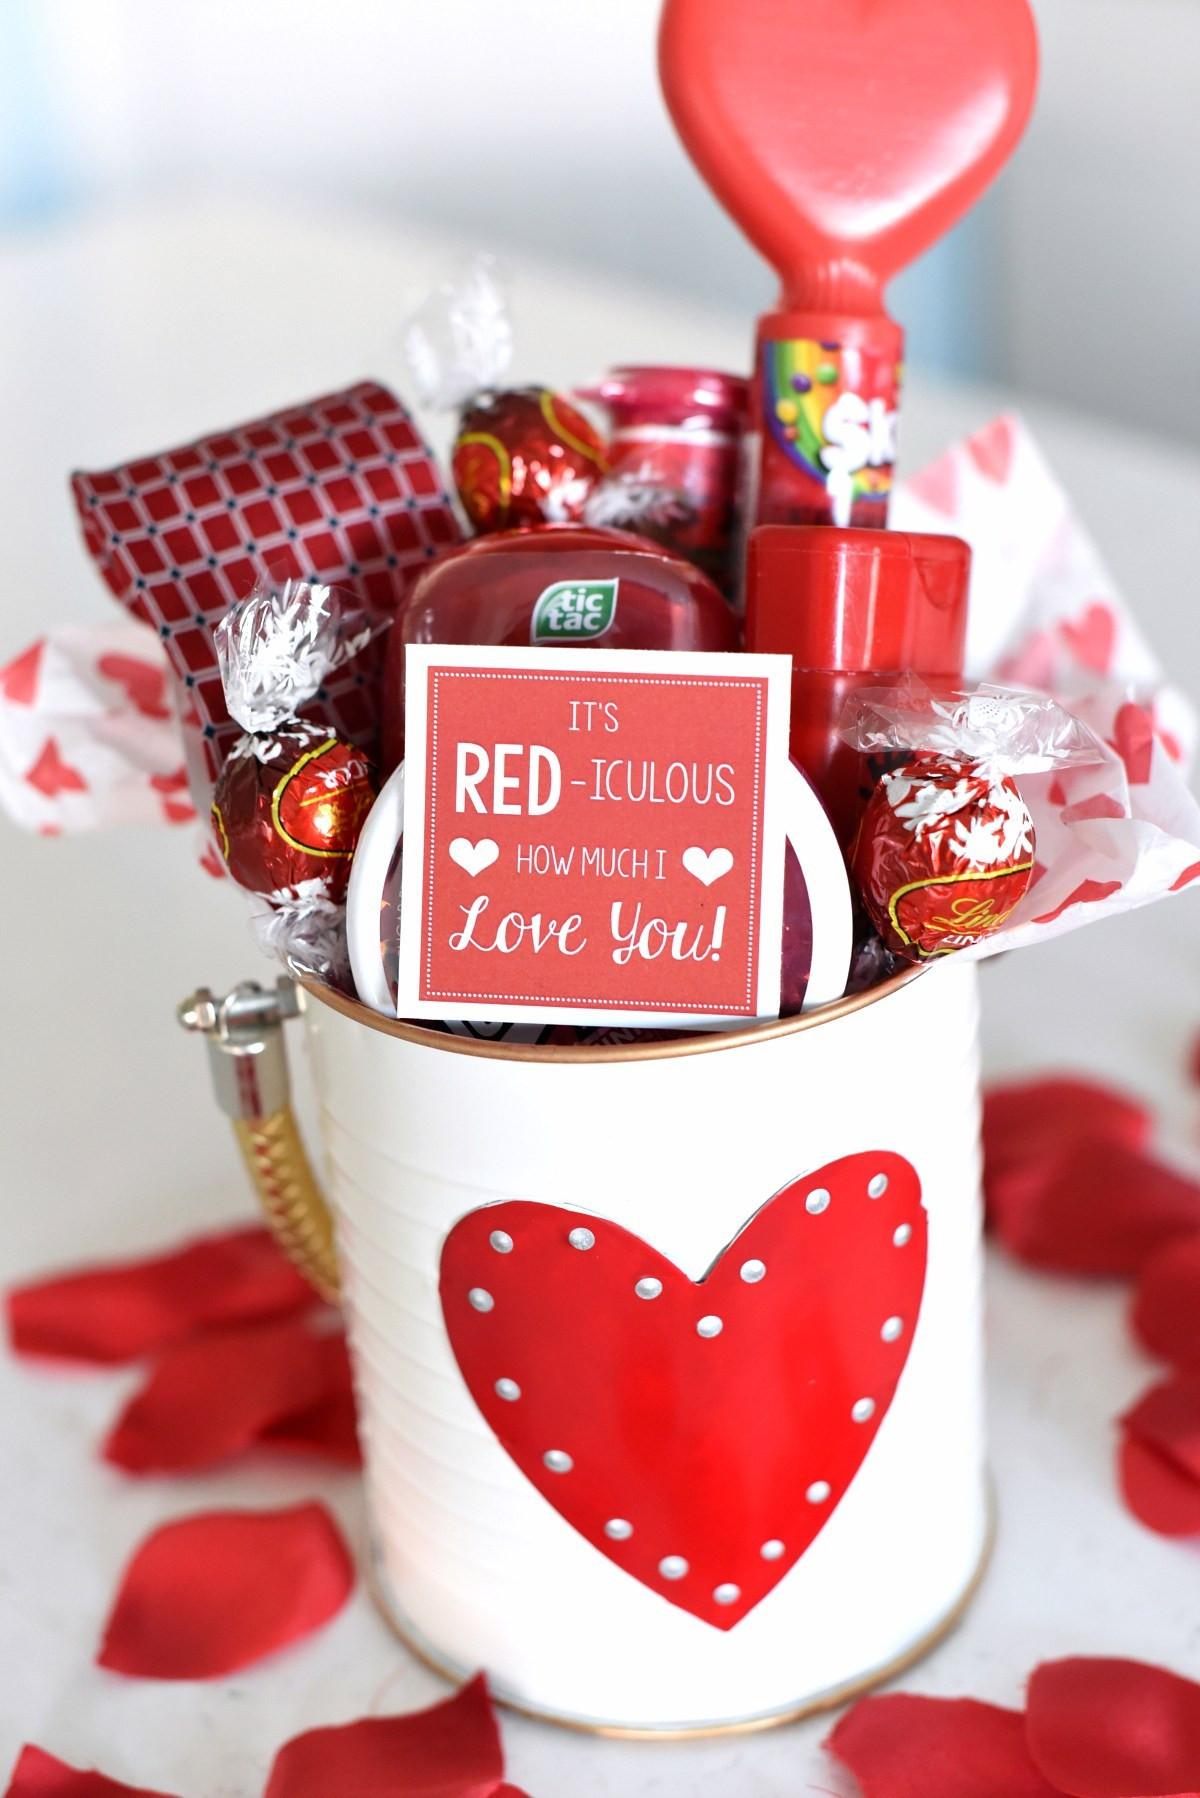 Valentine Day Gift Ideas For Best Friend  25 DIY Valentine s Day Gift Ideas Teens Will Love